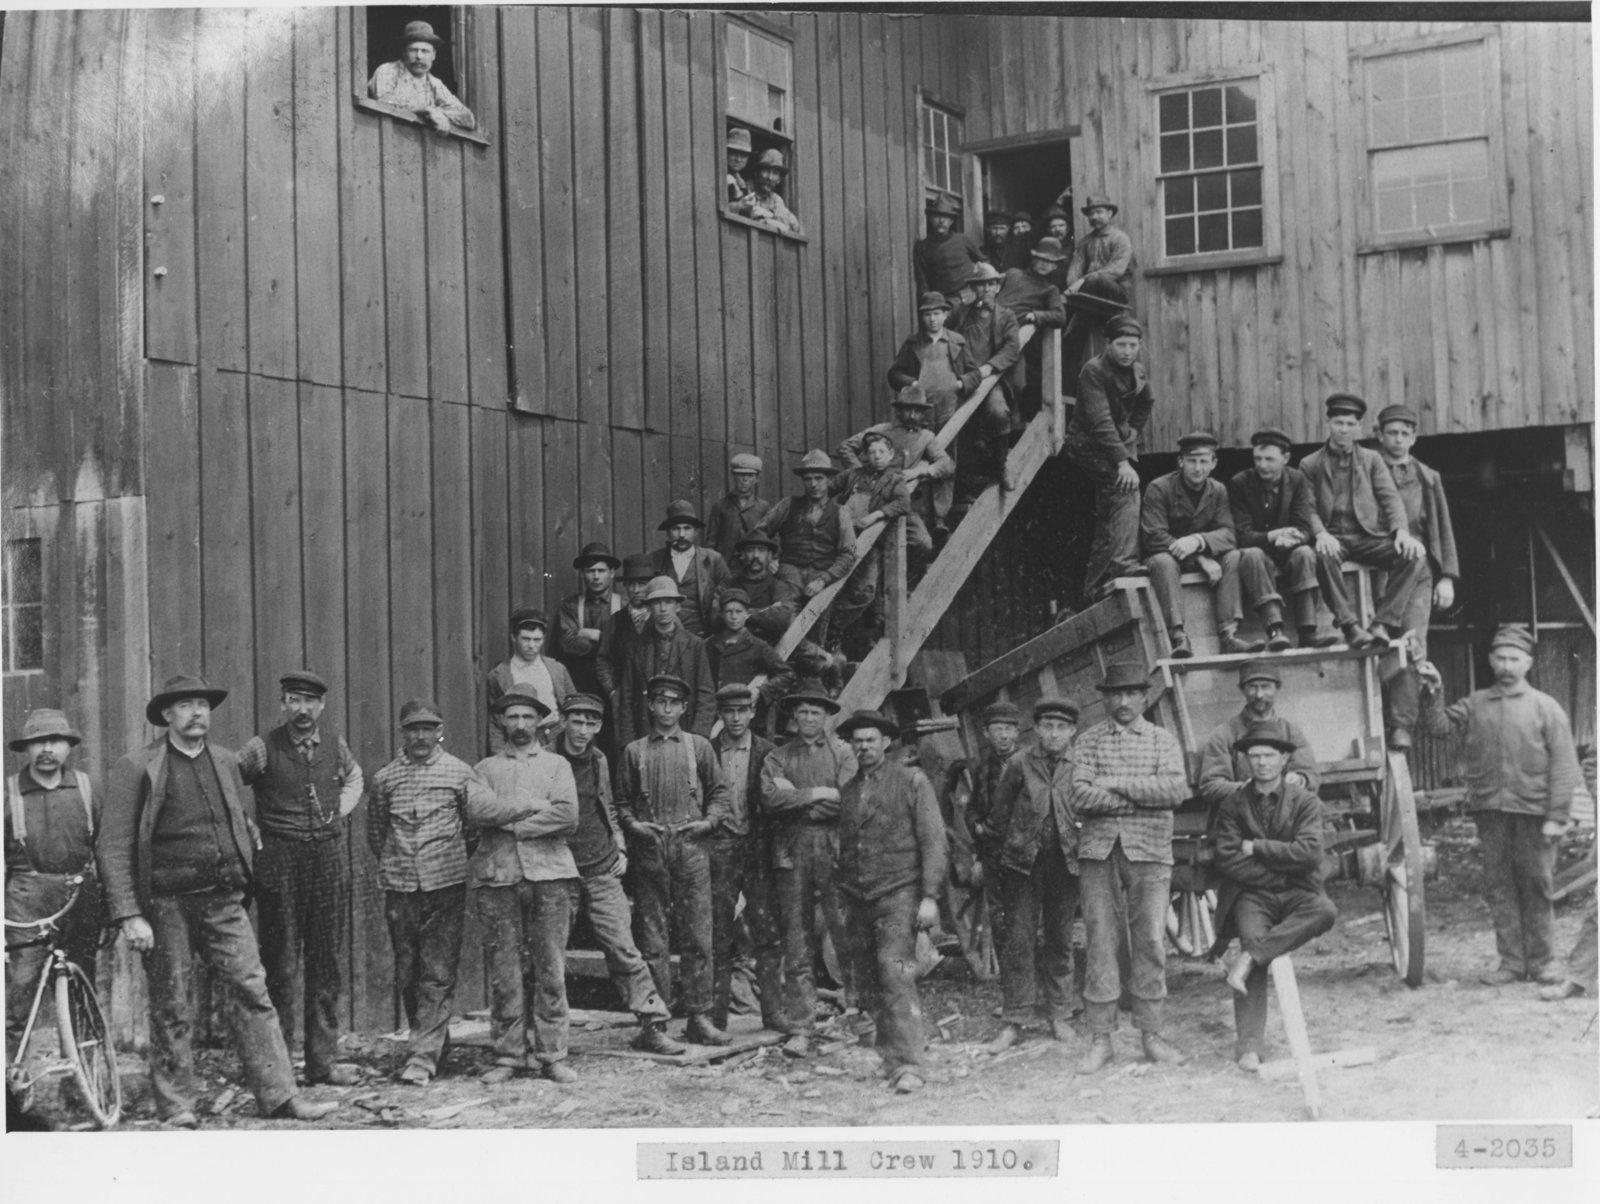 Island Mill Sawmill Crew